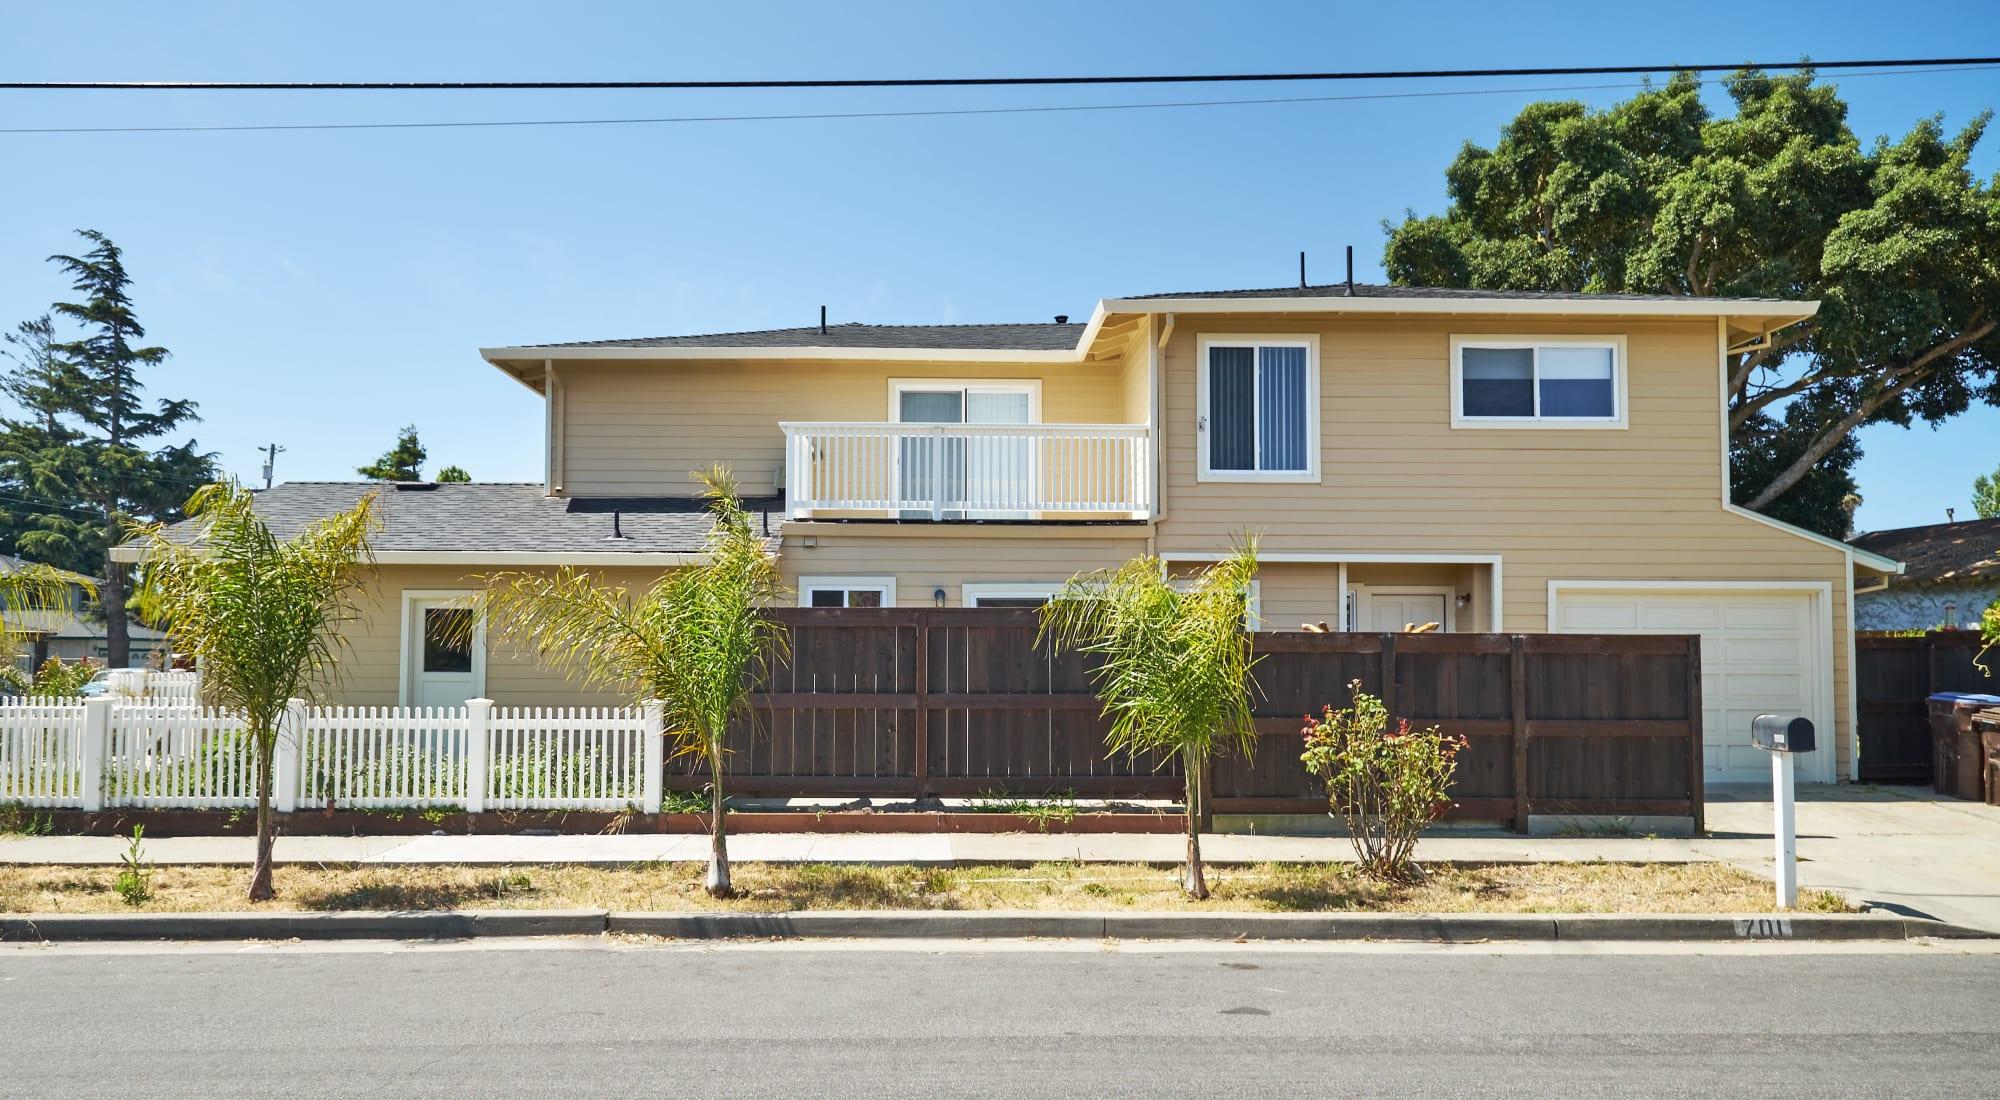 Santa Cruz Coast Homes luxury apartments in Santa Cruz, California